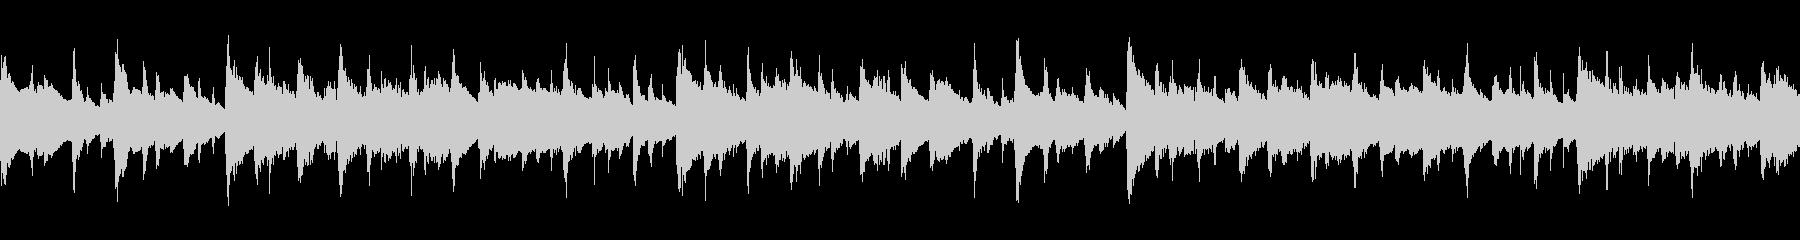 シンプルな感動系のピアノとアコギの伴奏の未再生の波形